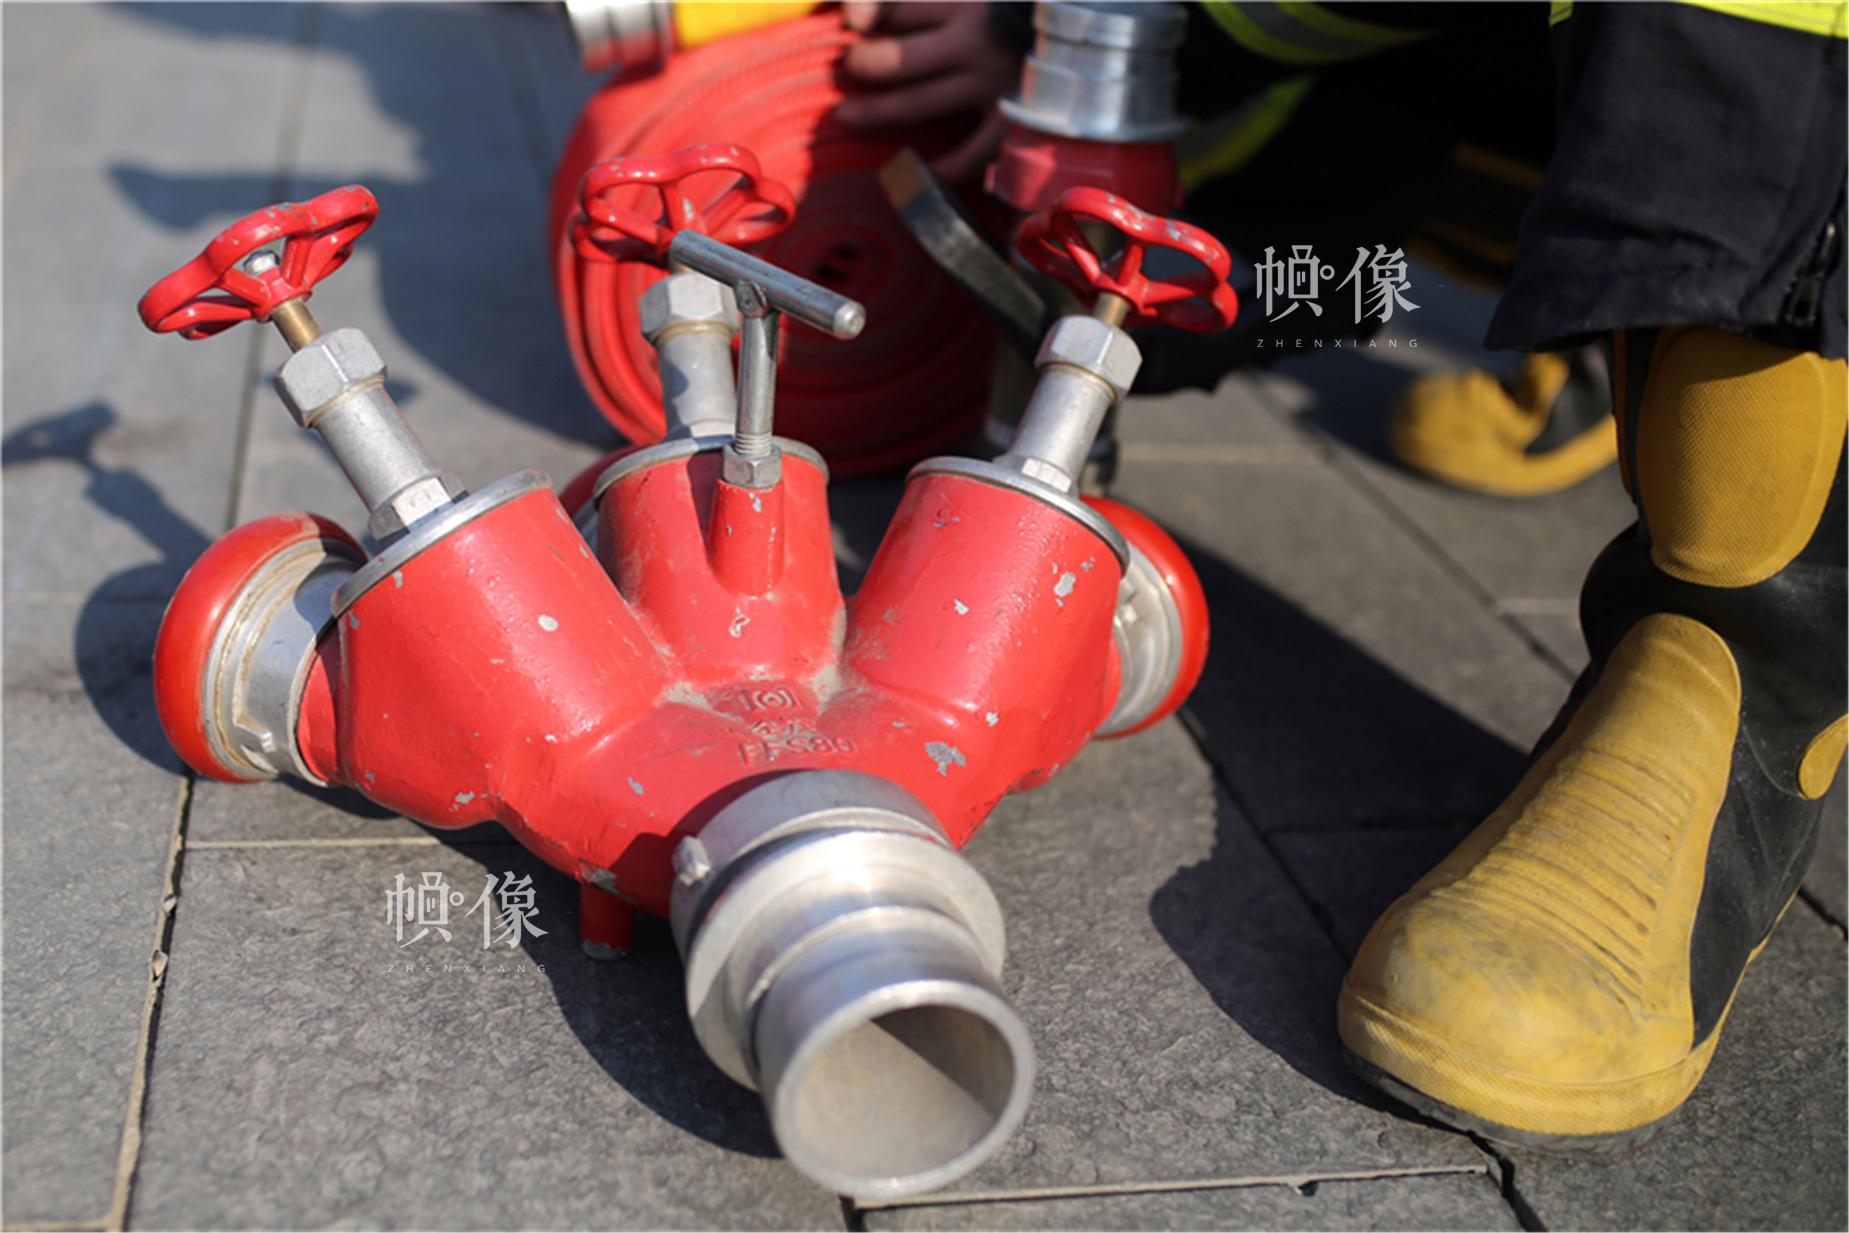 消防水管接口。